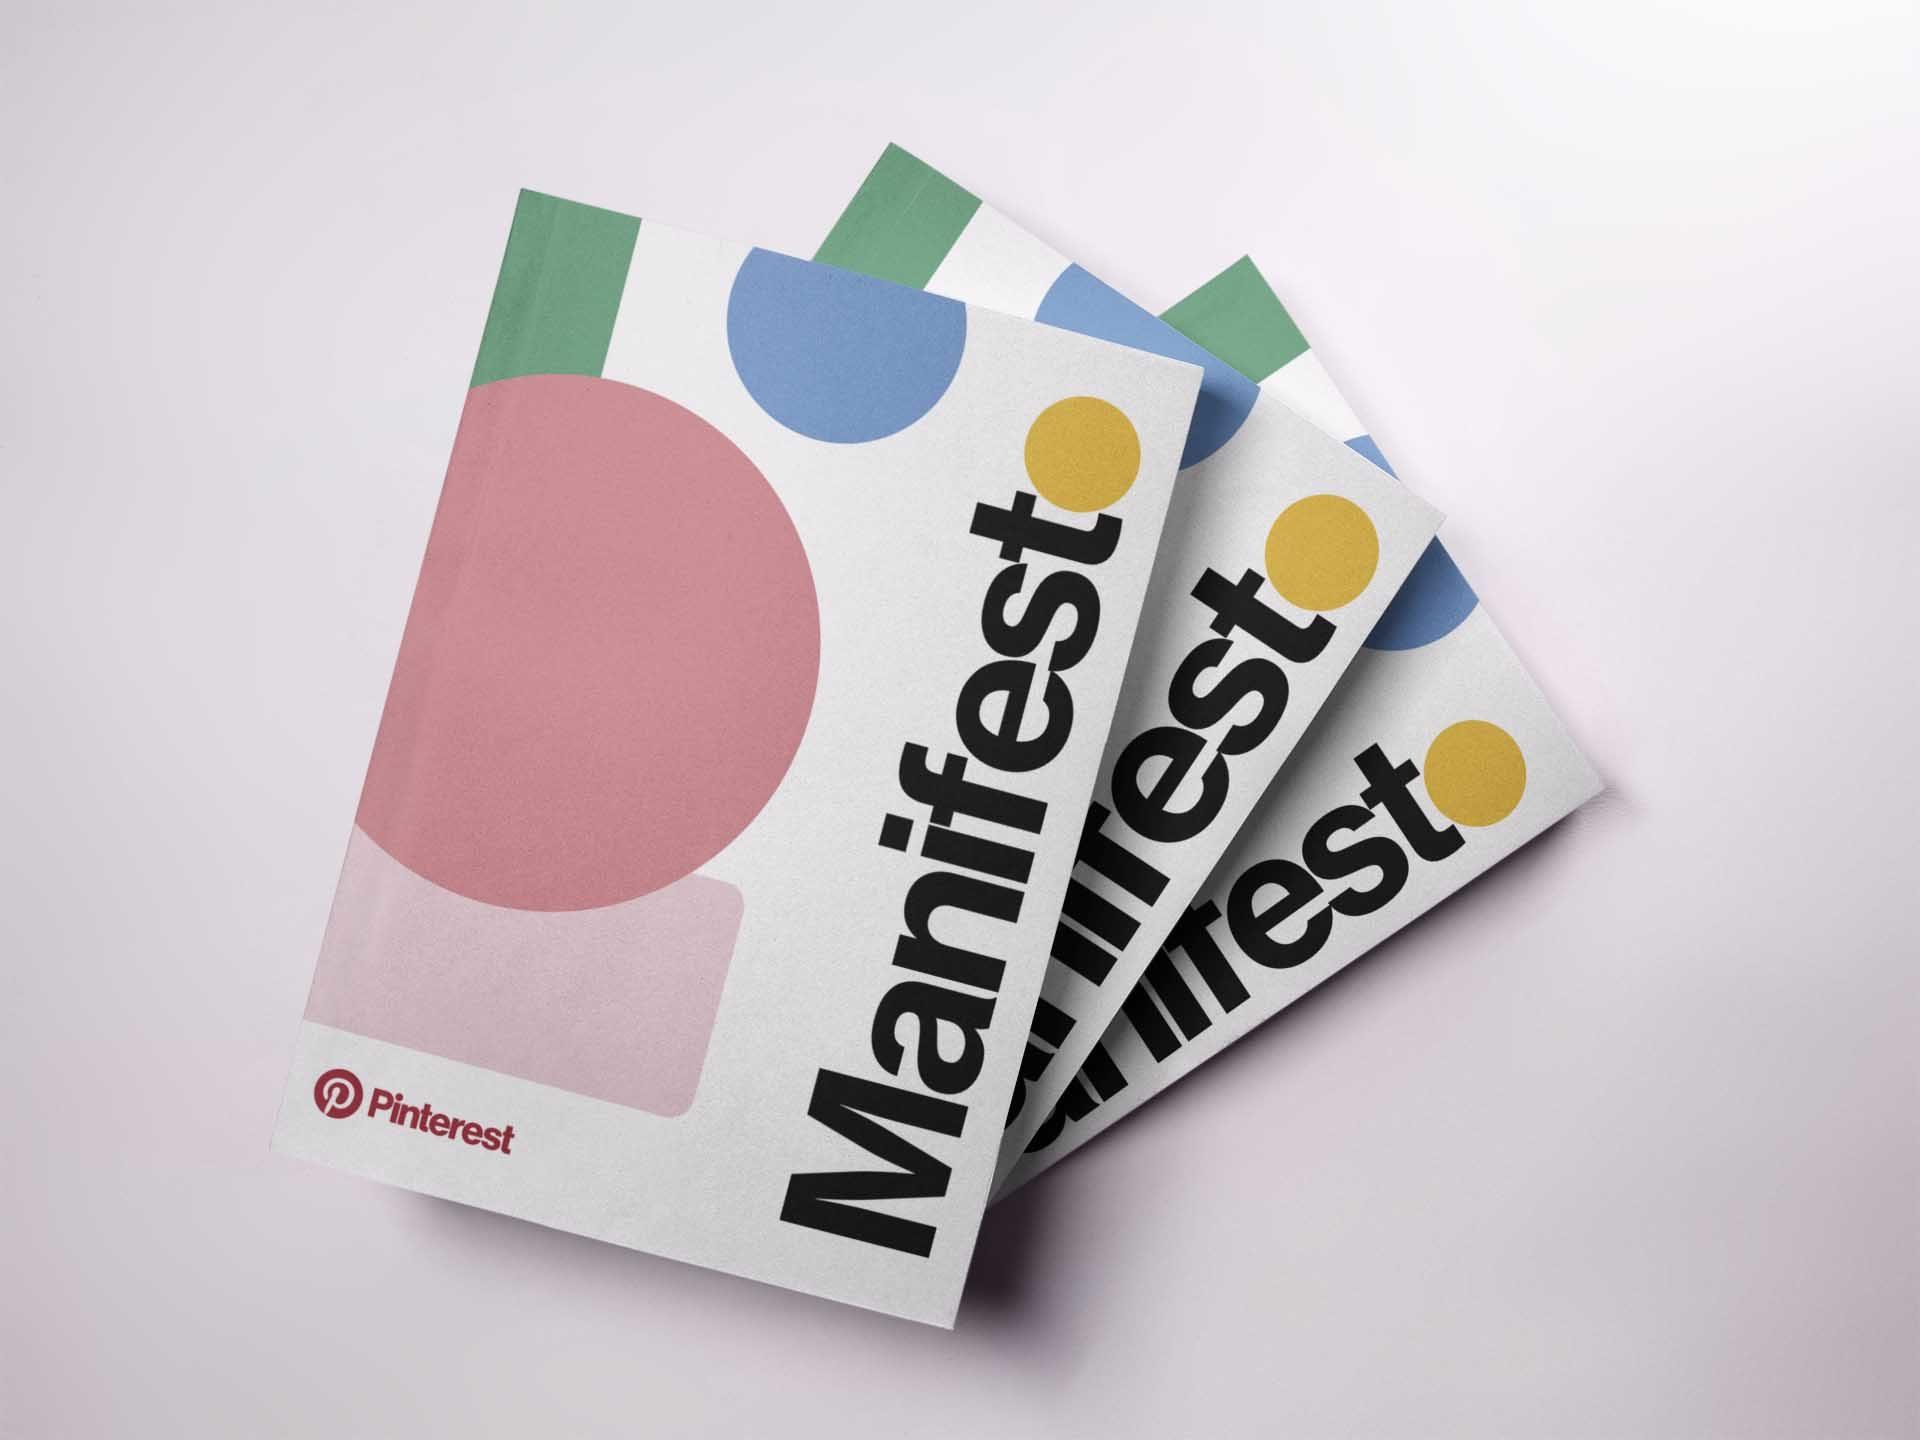 couverture du manifesto de Pinterest par Marie Antoinette